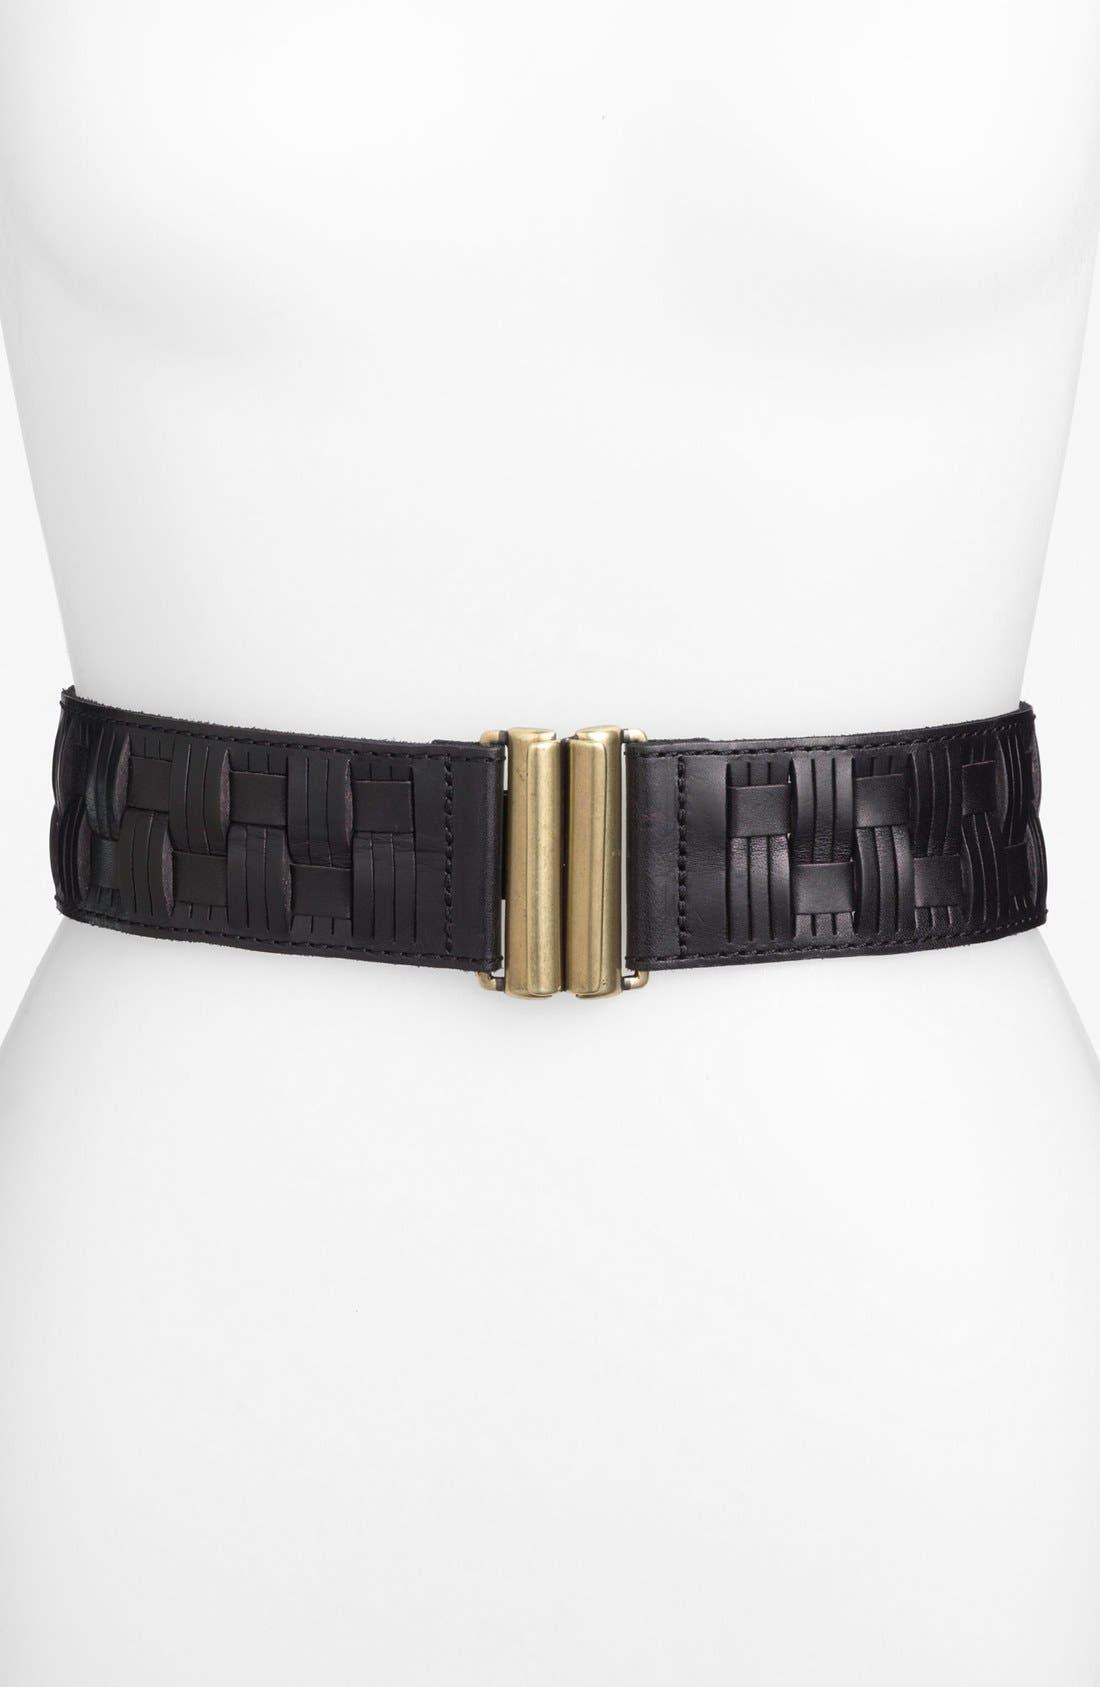 Main Image - Fossil Basket Weave Stretch Belt